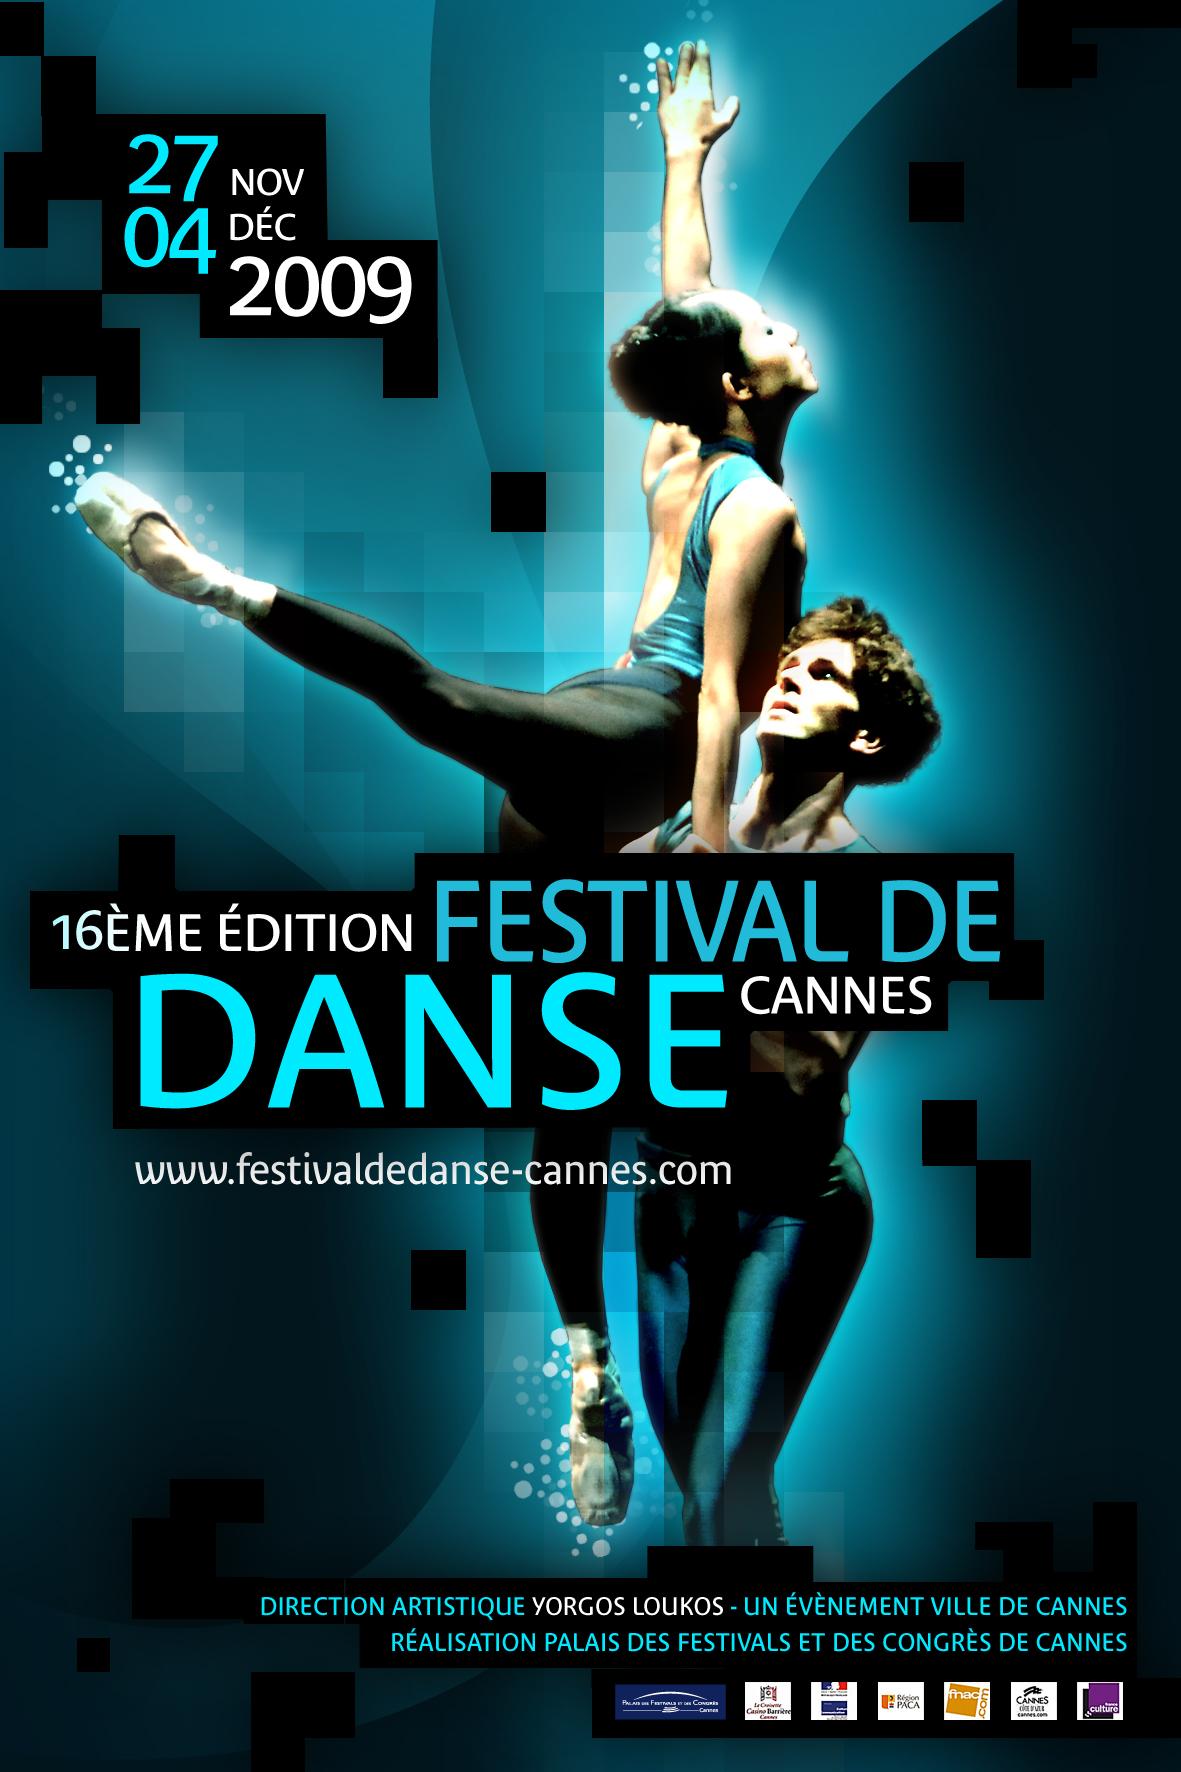 Festival de Danse Cannes 2009